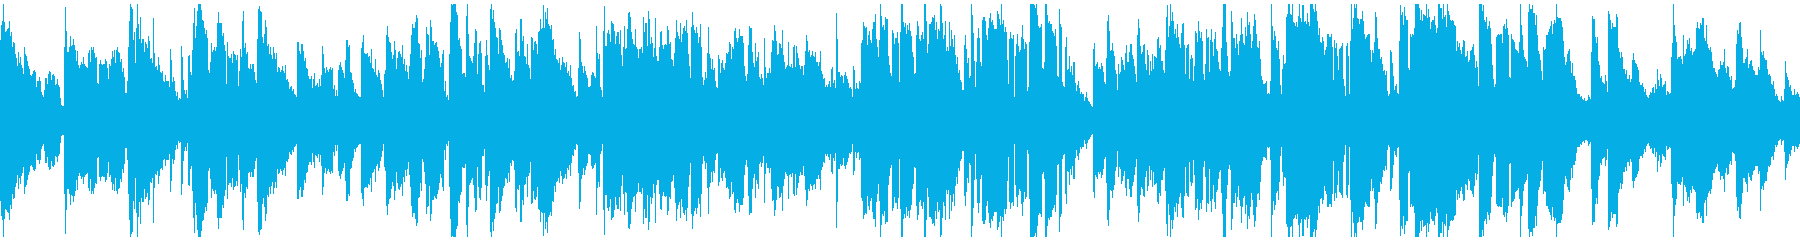 現代ジャズ、艶やか素敵サックス※ループ版の再生済みの波形